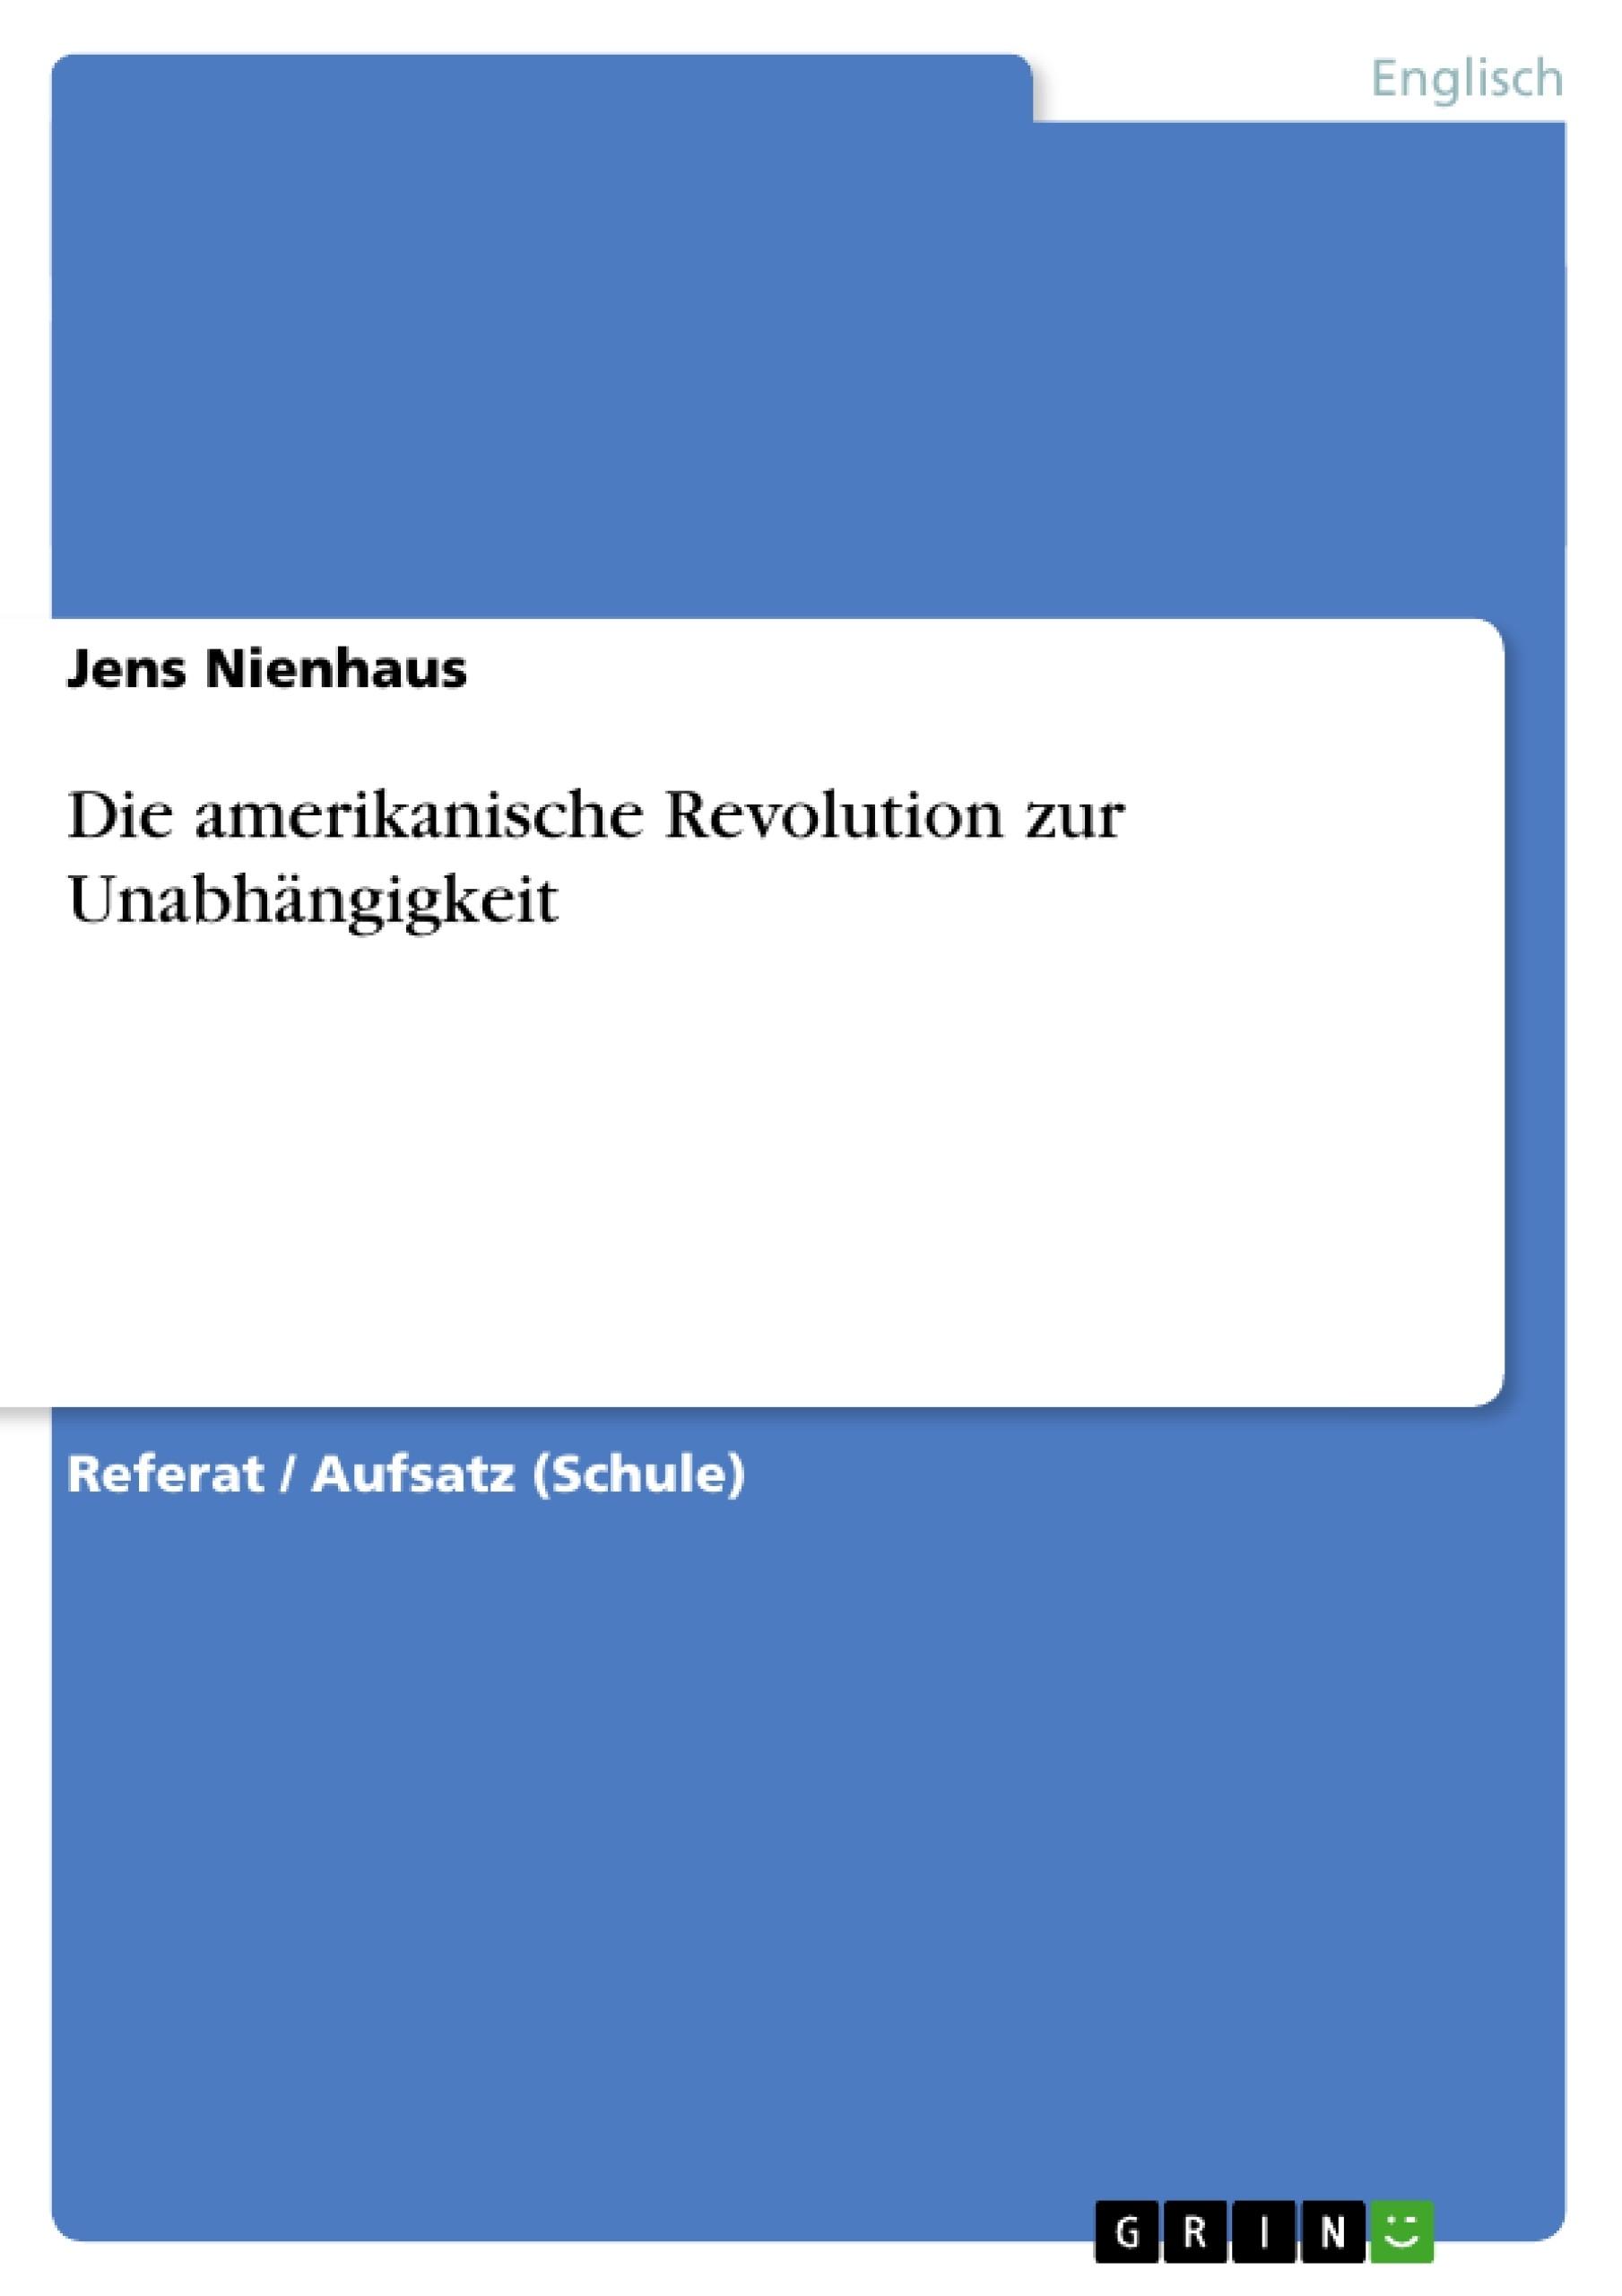 Titel: Die amerikanische Revolution zur Unabhängigkeit